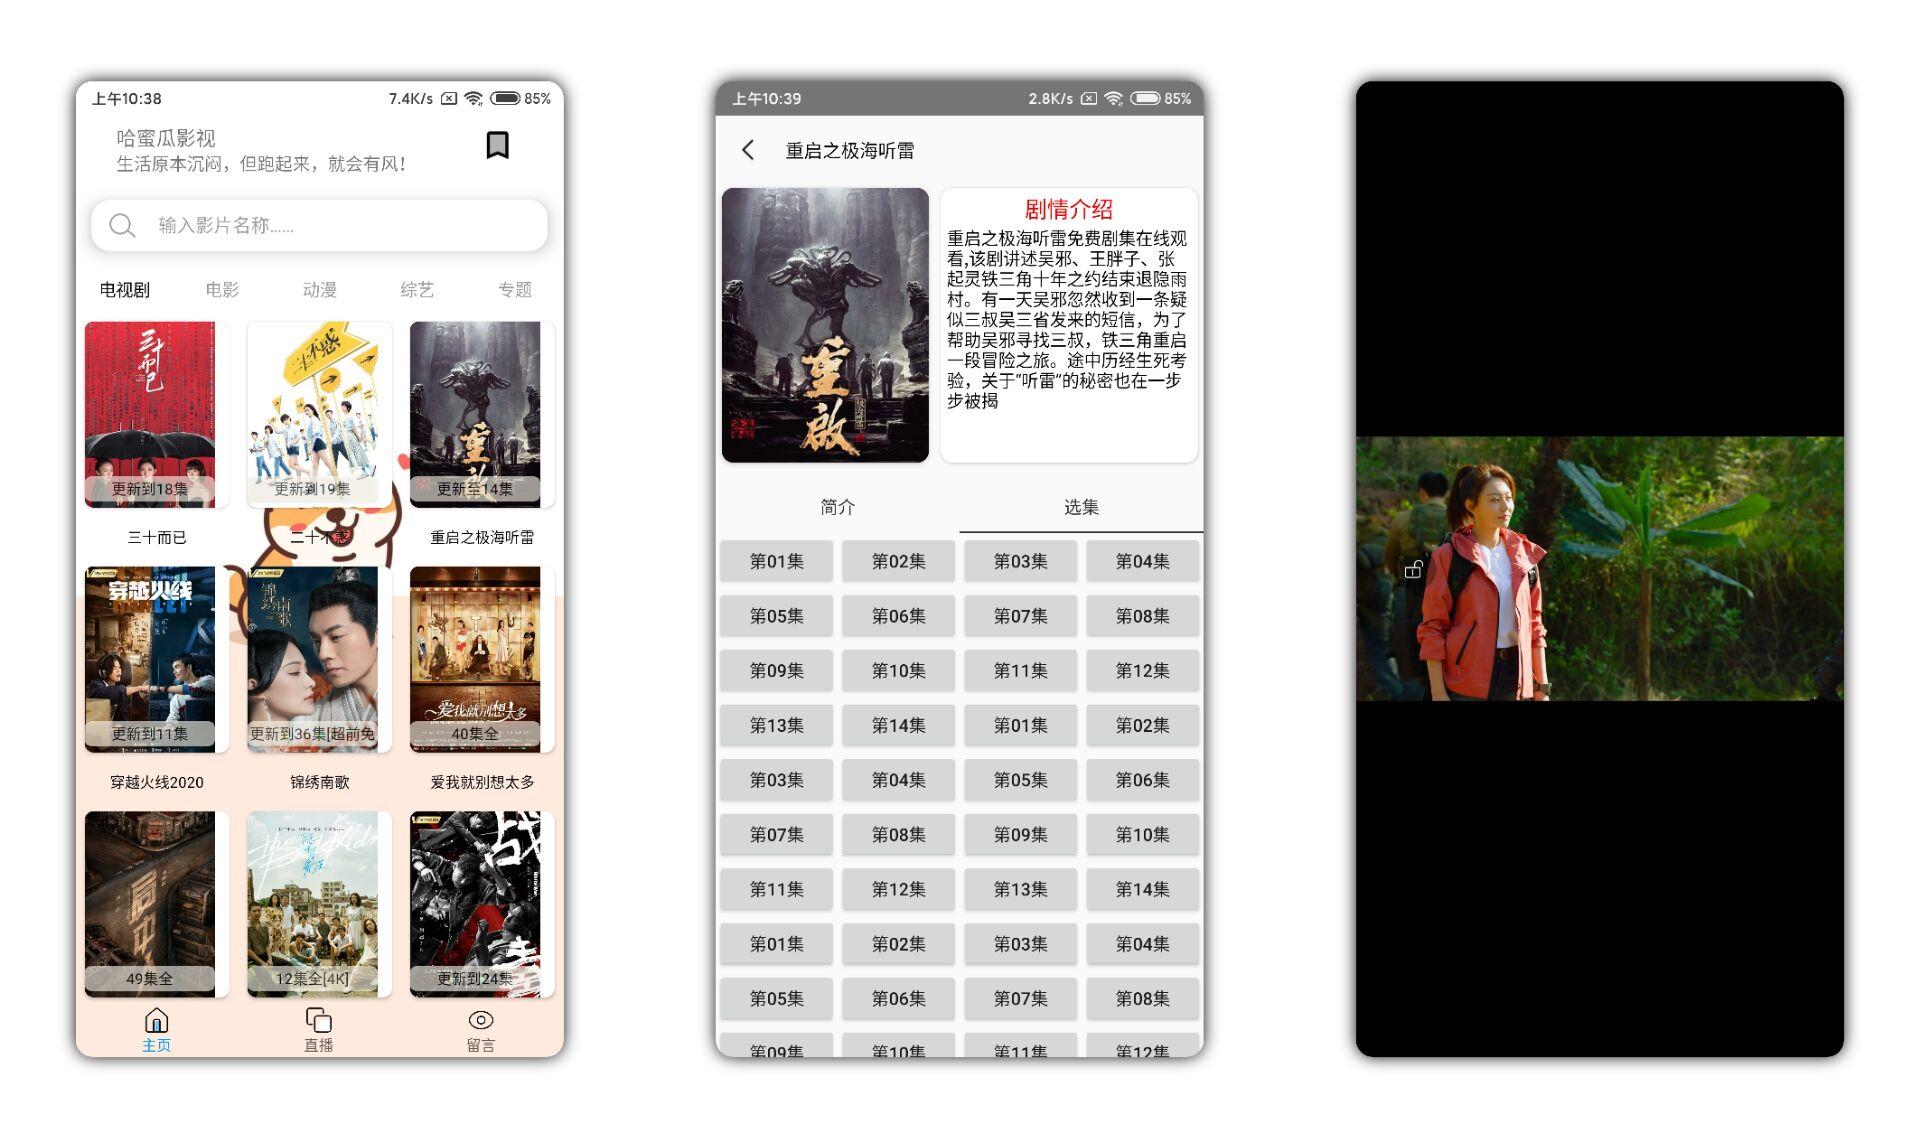 【哈蜜瓜影视】各大视频网站资源全部免费看 同步更新 免费无广告